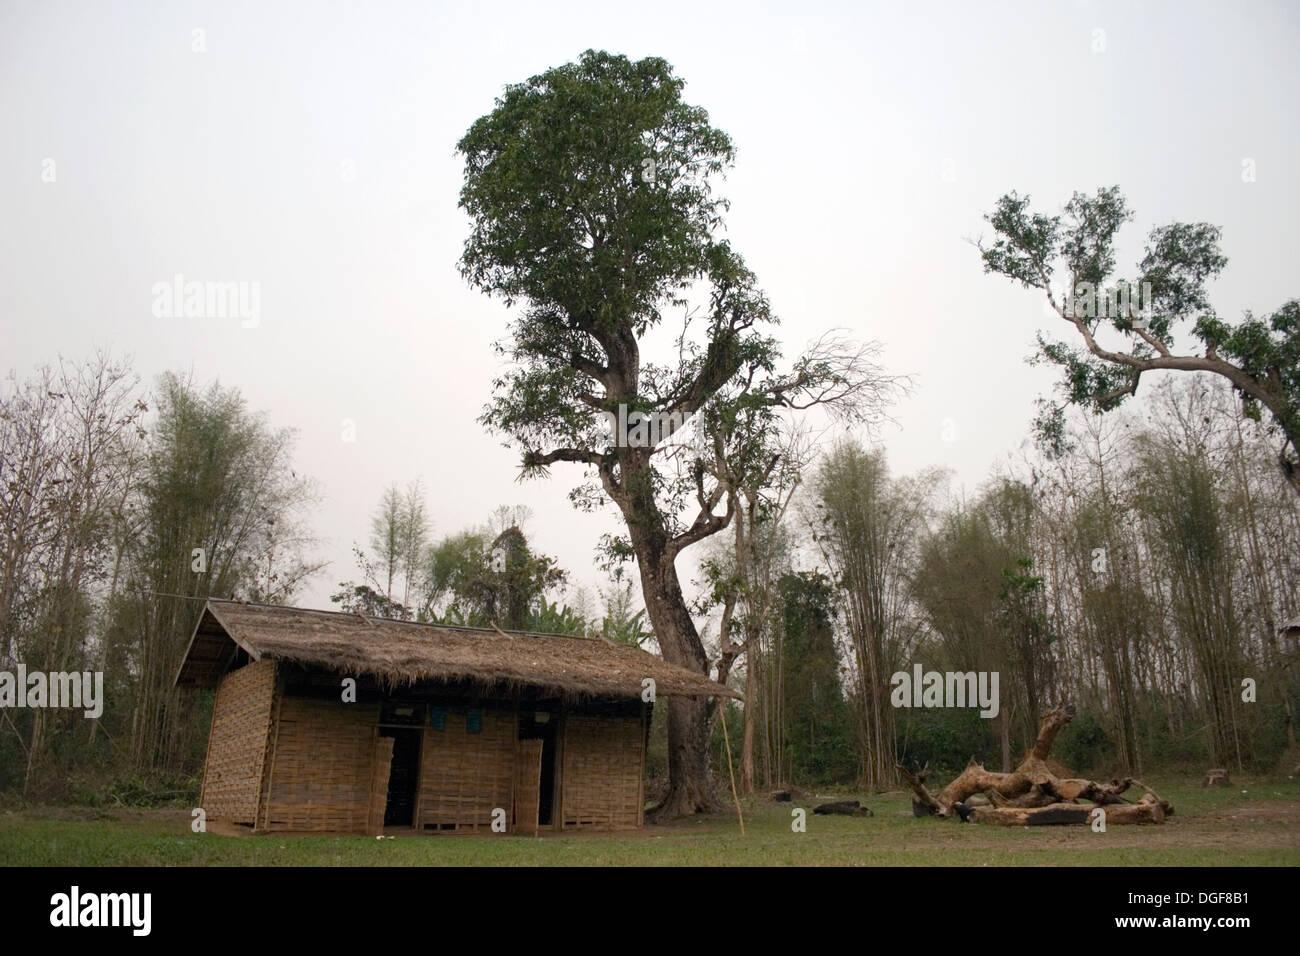 Das Marode Bambus Ban Bumlao Grundschule Zimmer Steht Leer In Ban